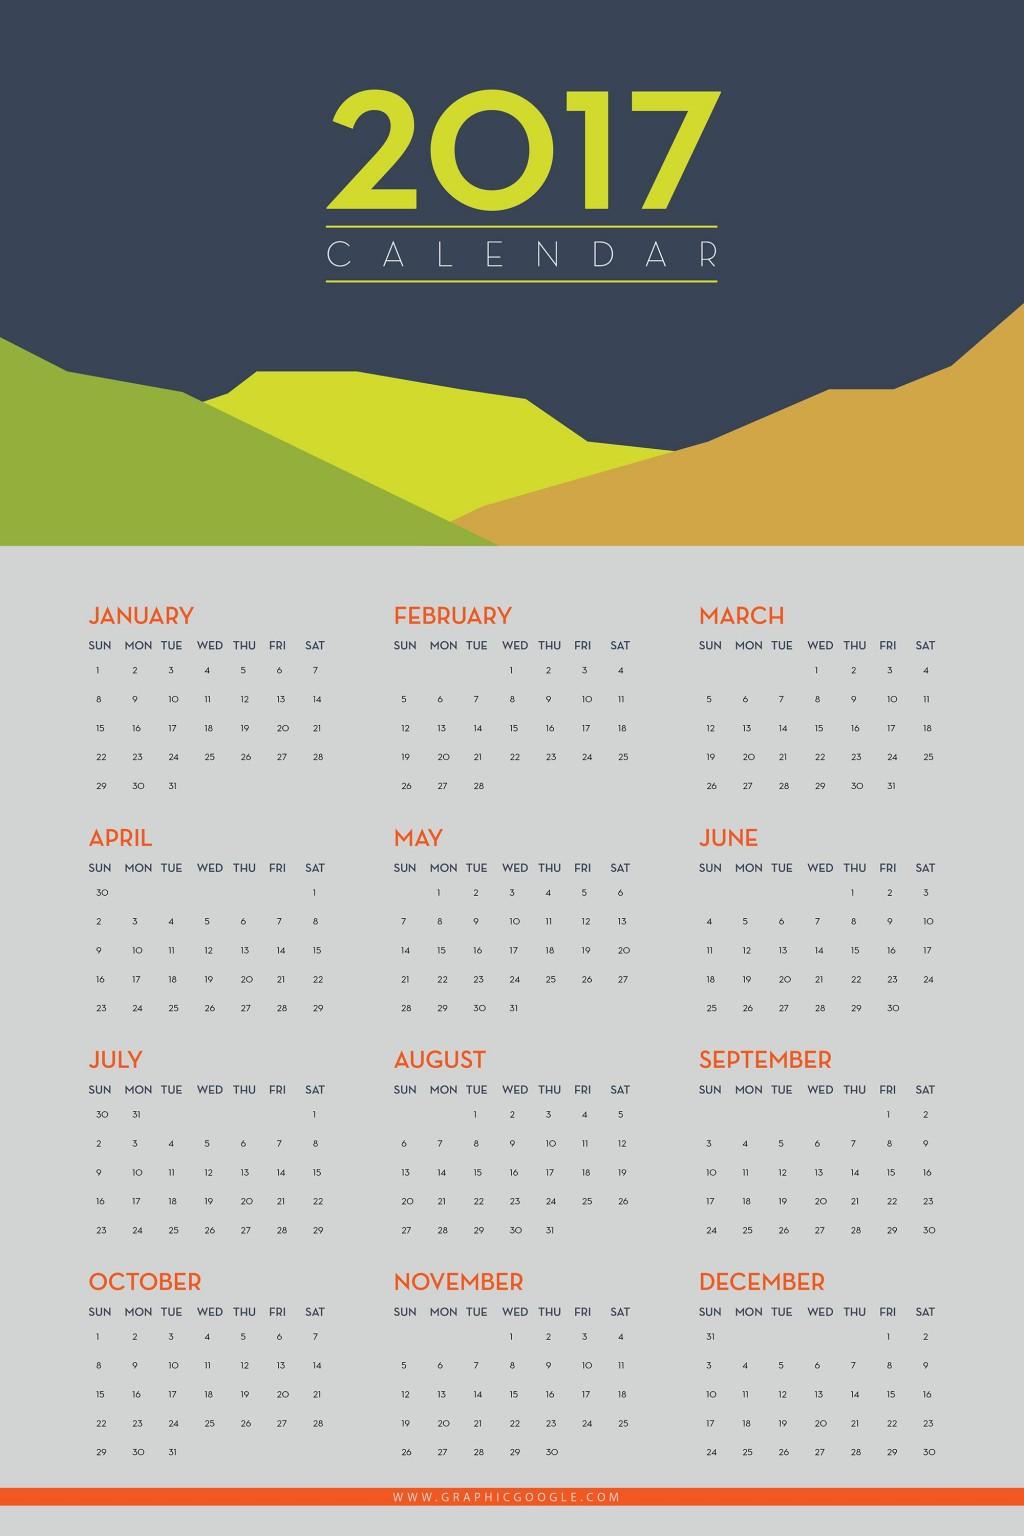 005 Surprising Google Calendar Template 2017 Idea Large